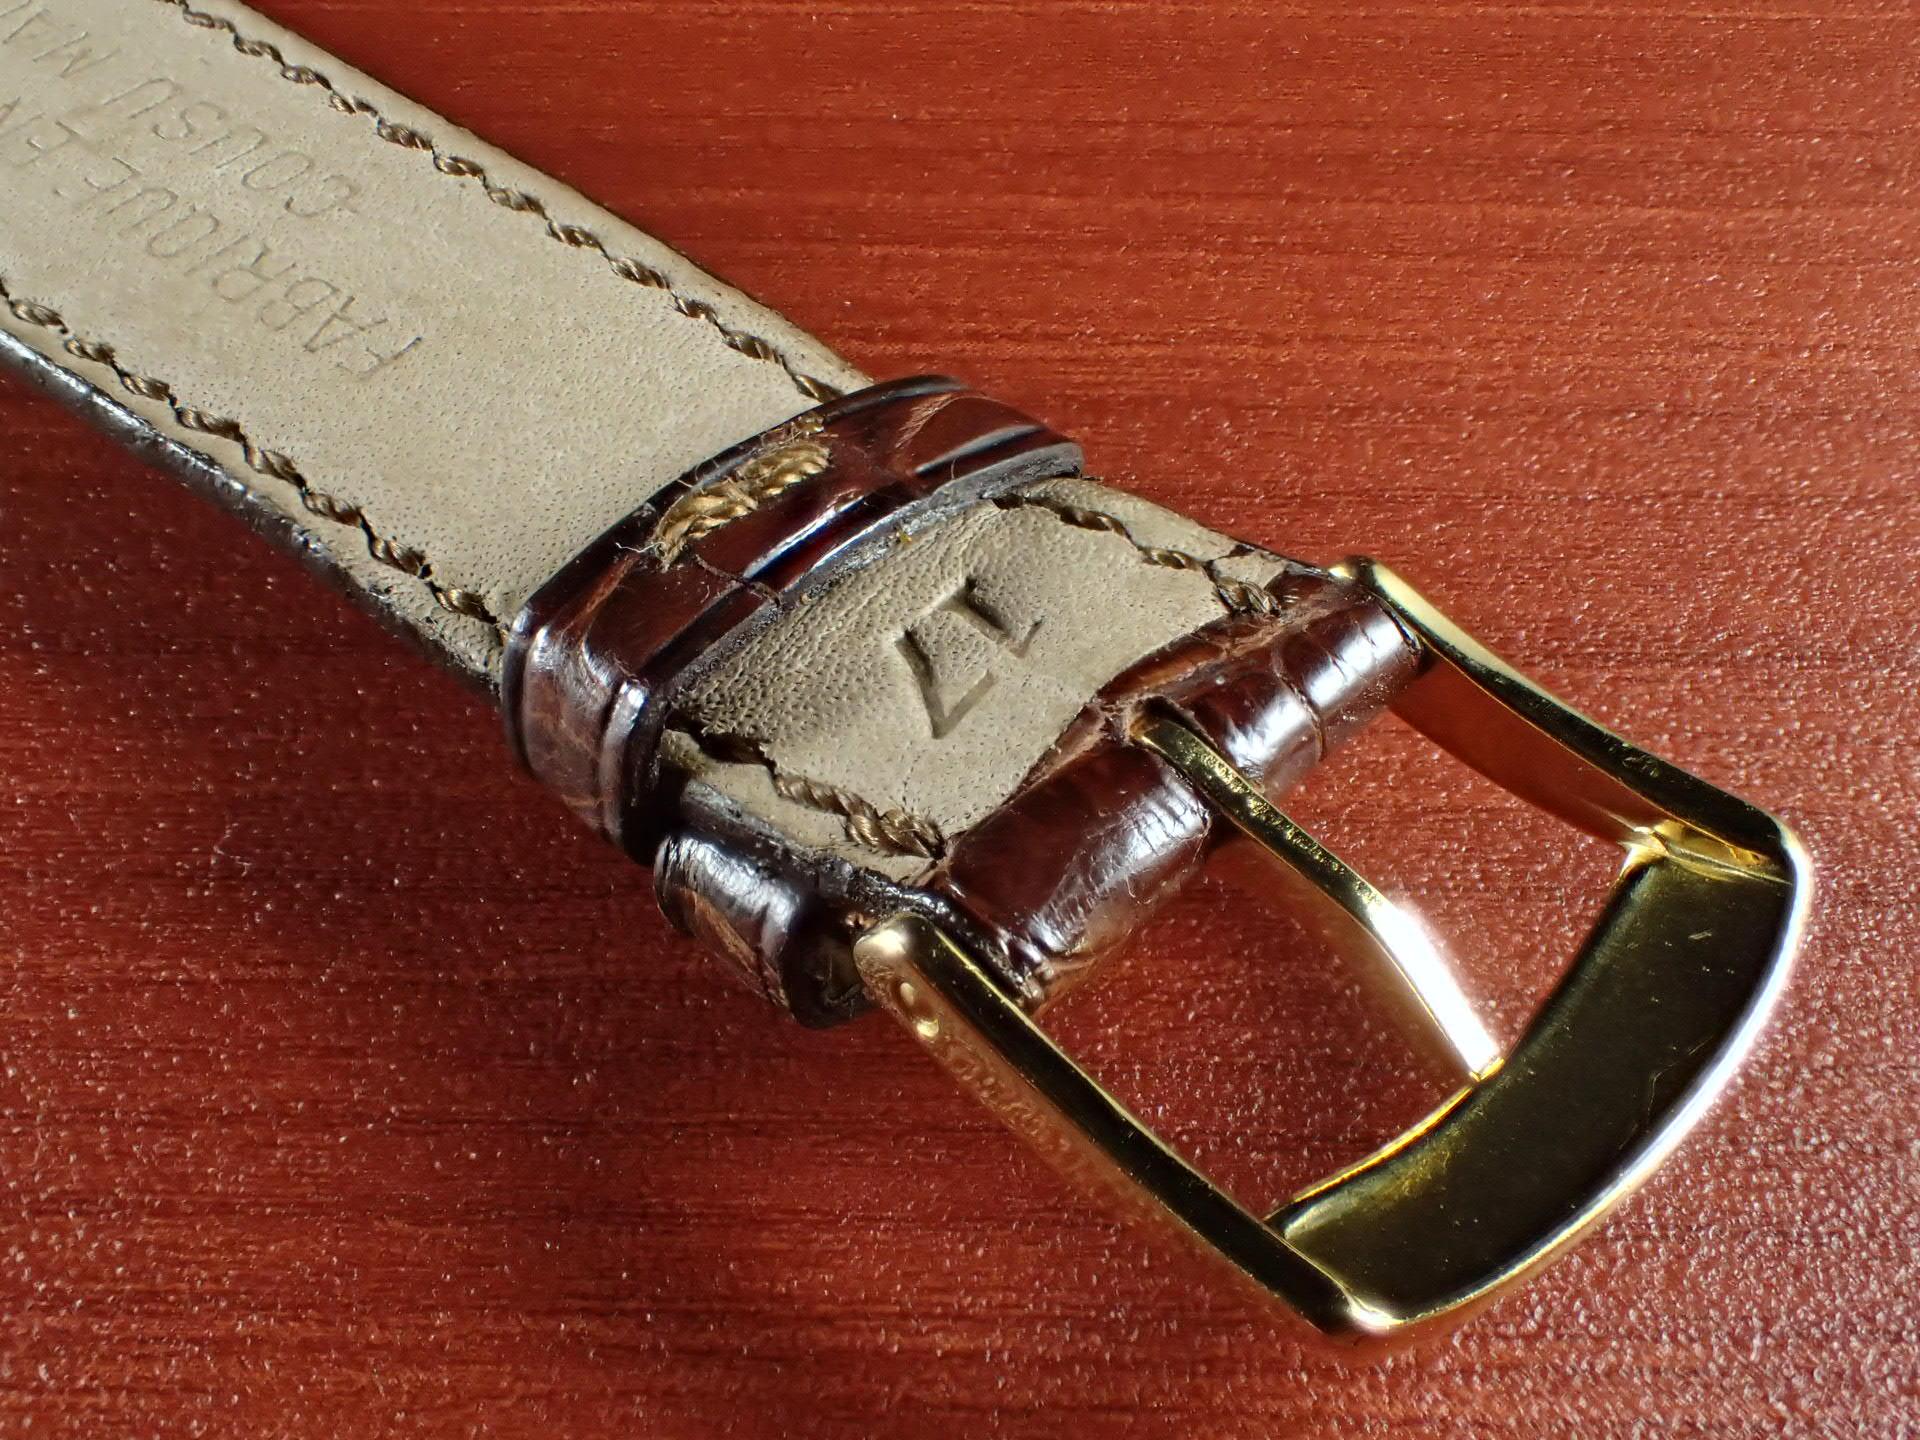 ジャン・クロード ペラン革ベルト(オールドペラン)クロコダイル ダークブラウン 17mm 手縫いの写真4枚目